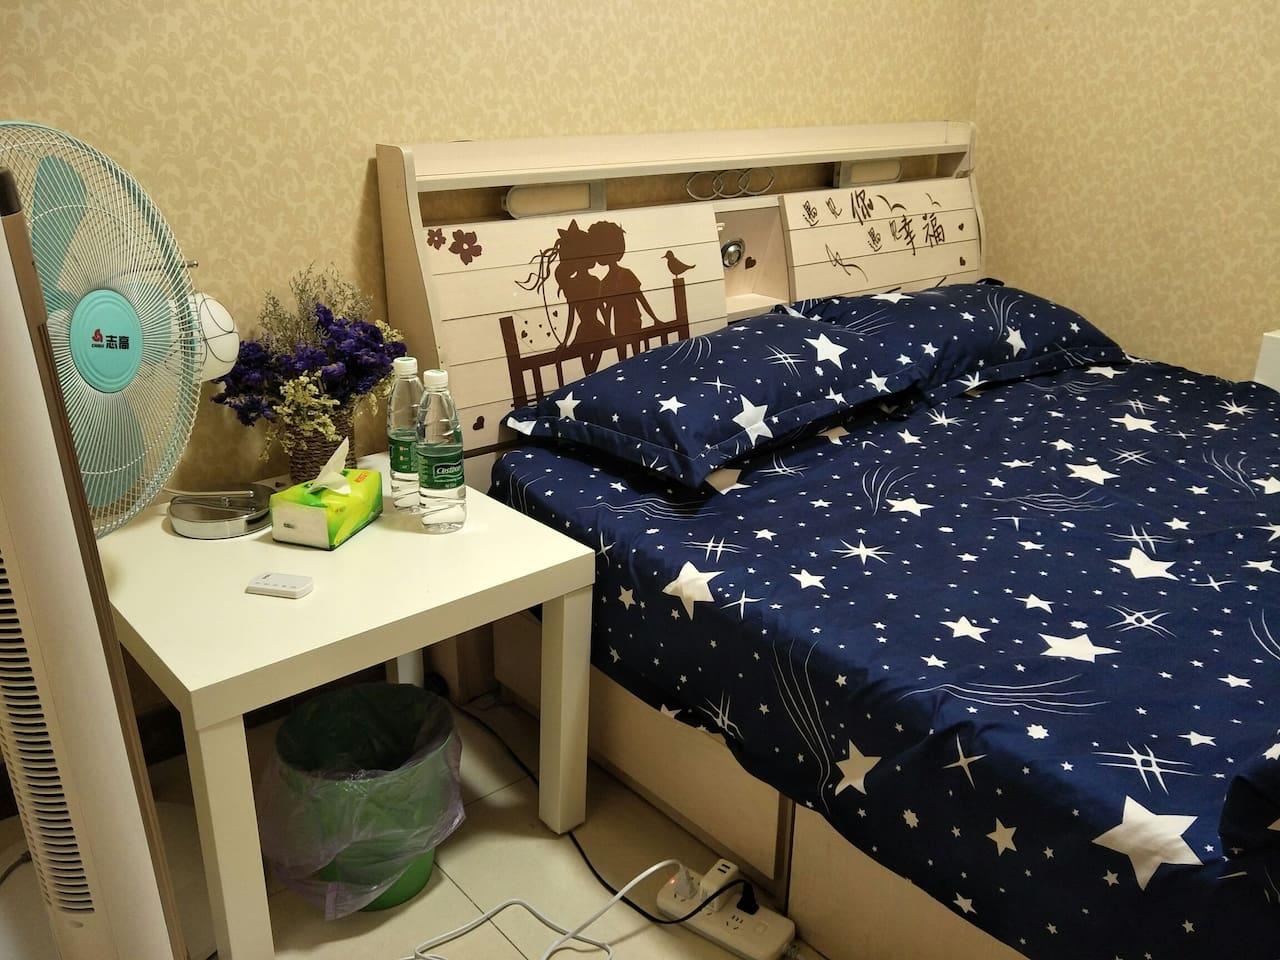 简简单单的小卧室